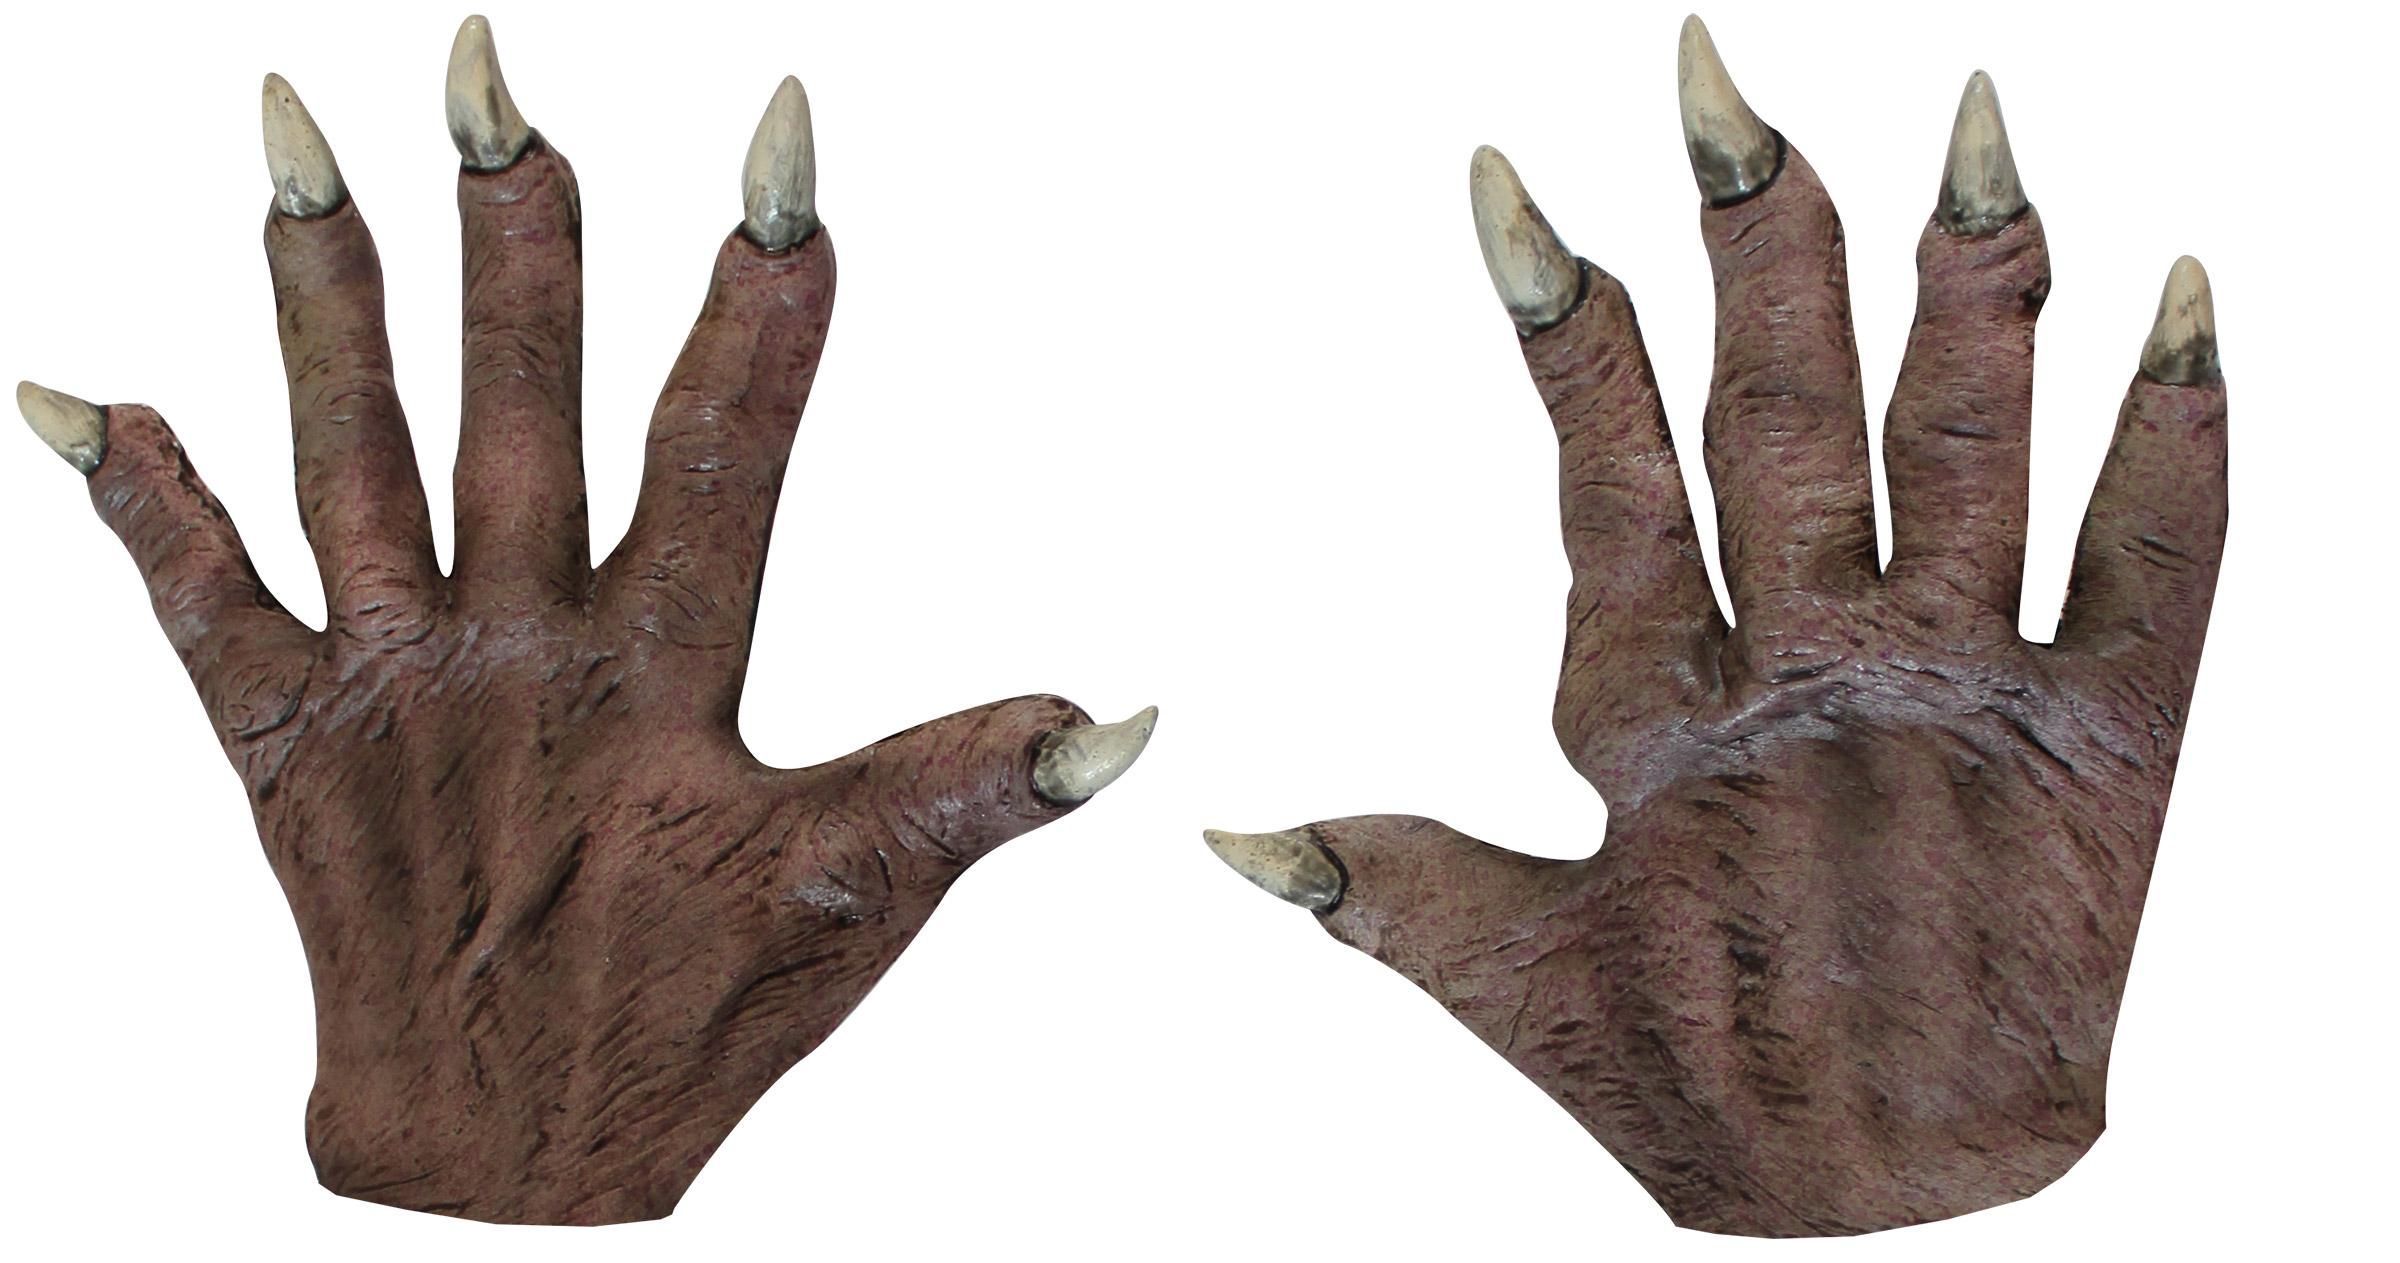 les mains sales study guide